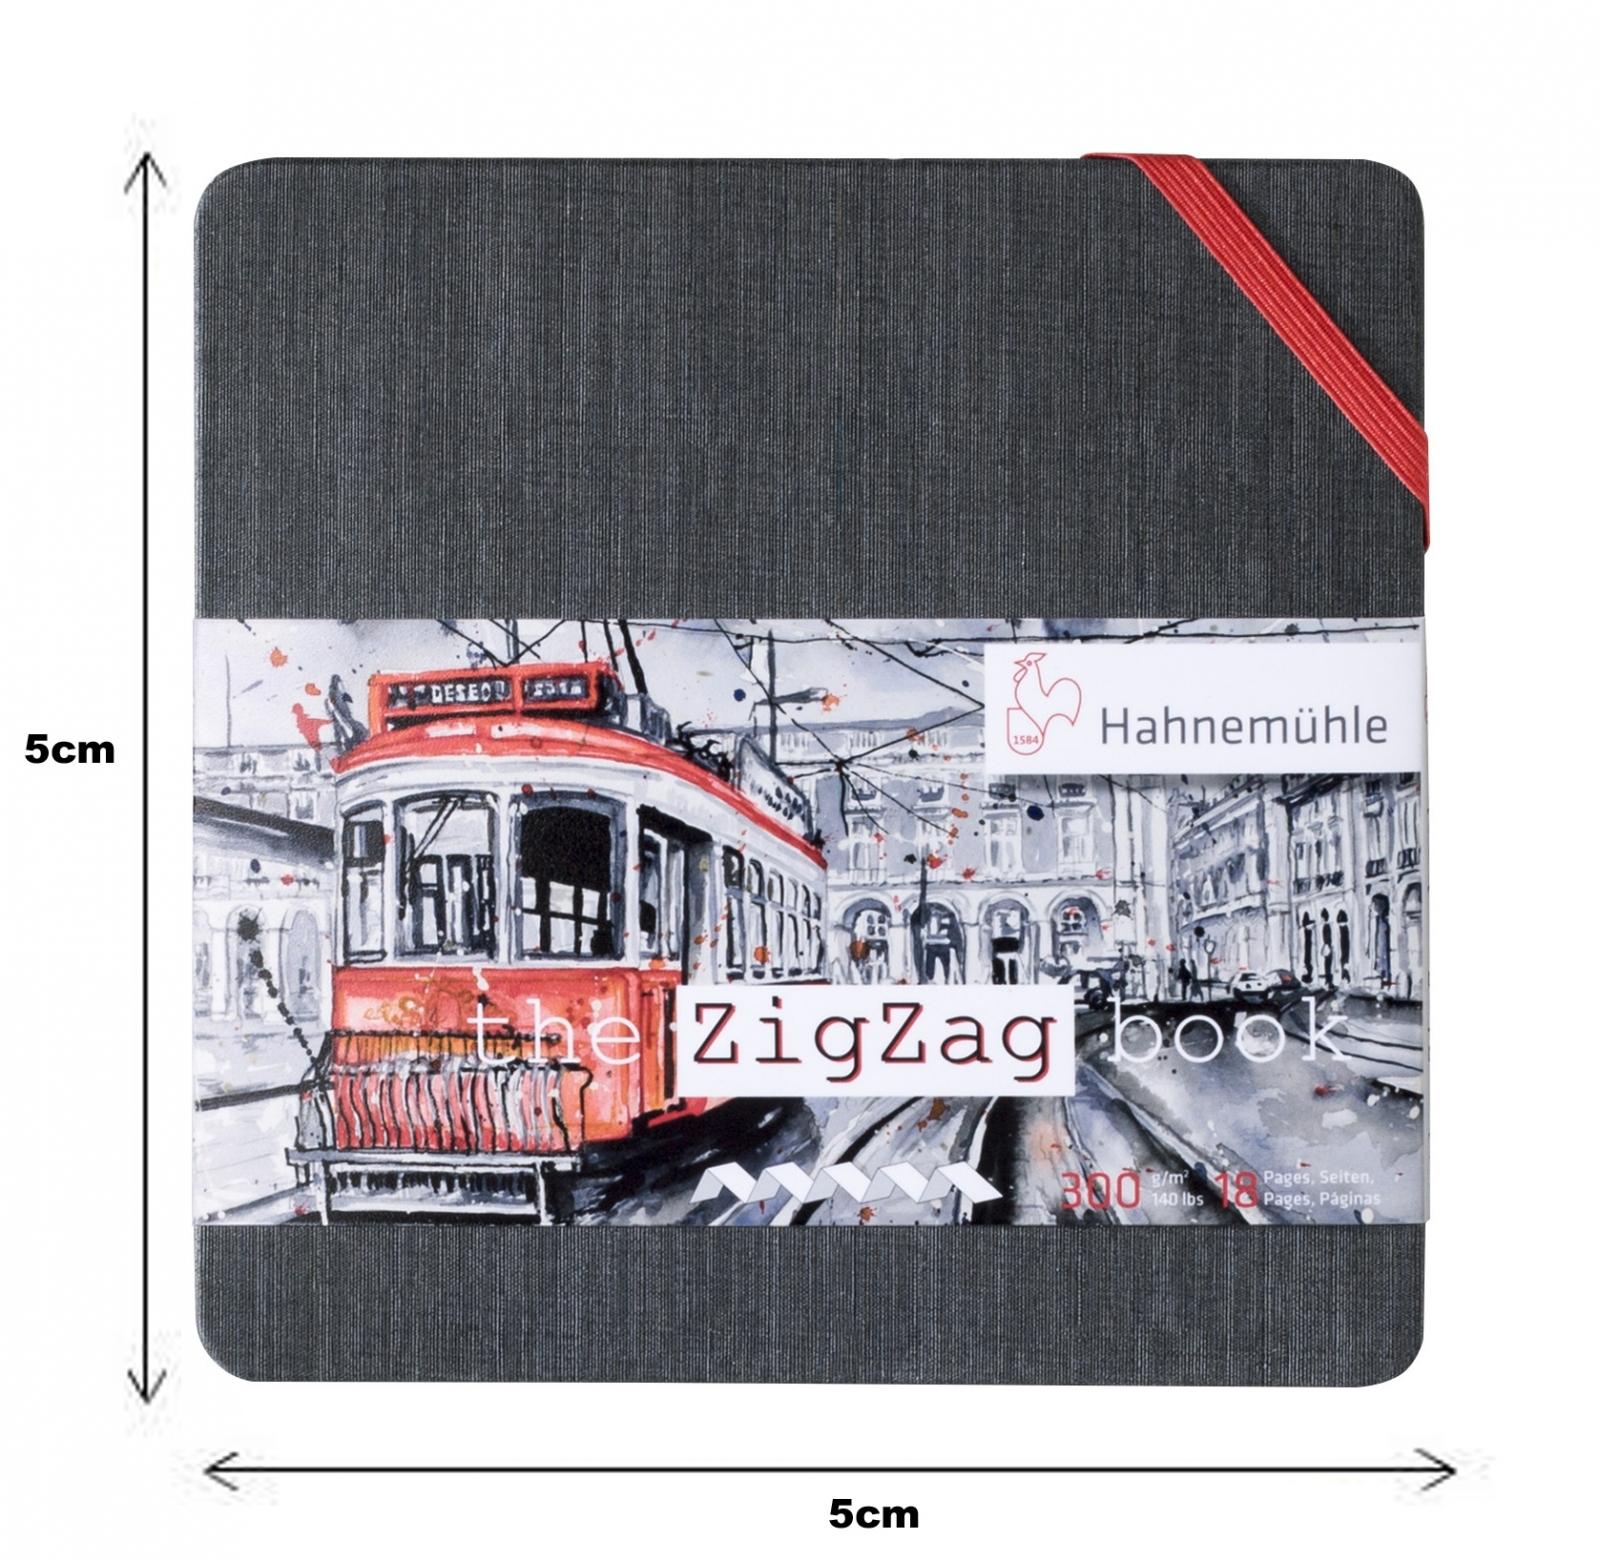 The ZigZag Book 5cmx5cm (quadrado pequeno) 300g/m (10625002) - Papelaria Botafogo